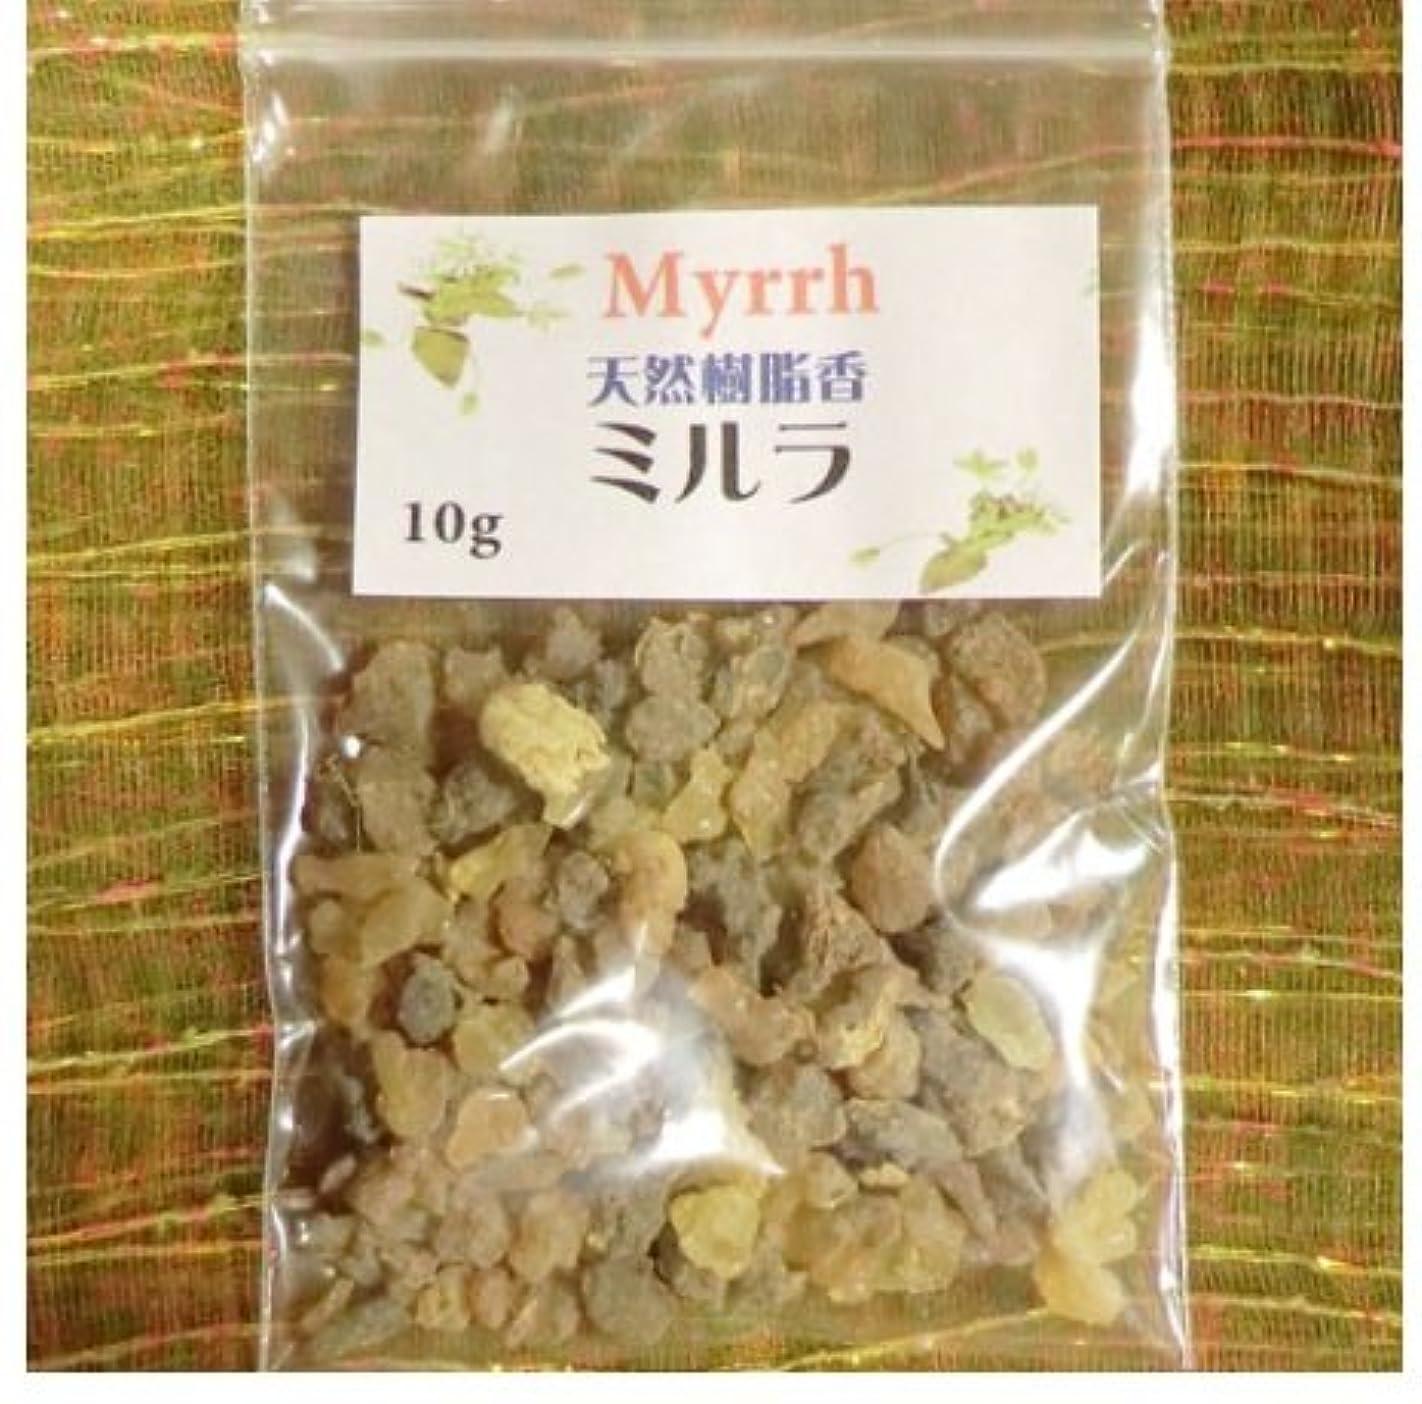 レプリカバナナ運命的なミルラ Myrrh (没薬) 天然樹脂香 10g (ミルラ)